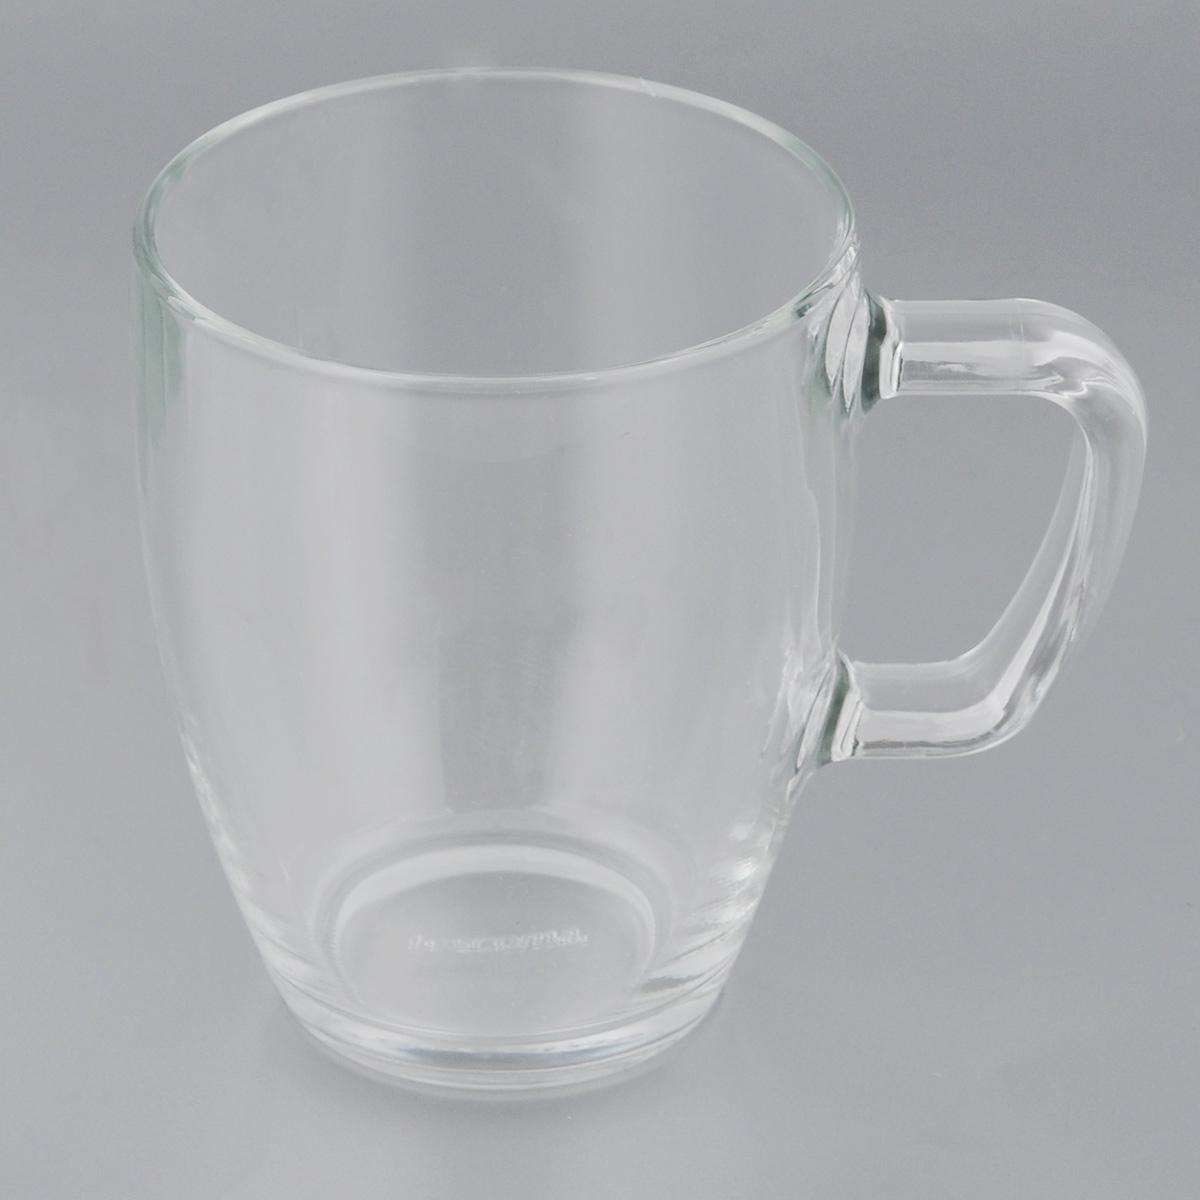 Кружка Tescoma Crema, 400 млVT-1520(SR)Кружка Tescoma Crema, изготовленная из прочного боросиликатового стекла, прекрасно дополнит интерьер вашей кухни. Изящный дизайн кружки придется по вкусу и ценителям классики,и тем, кто предпочитает утонченность и изысканность. Кружка Tescoma Crema станет хорошим подарком к любому празднику.Диаметр (по верхнему краю): 8 см.Высота: 10 см.